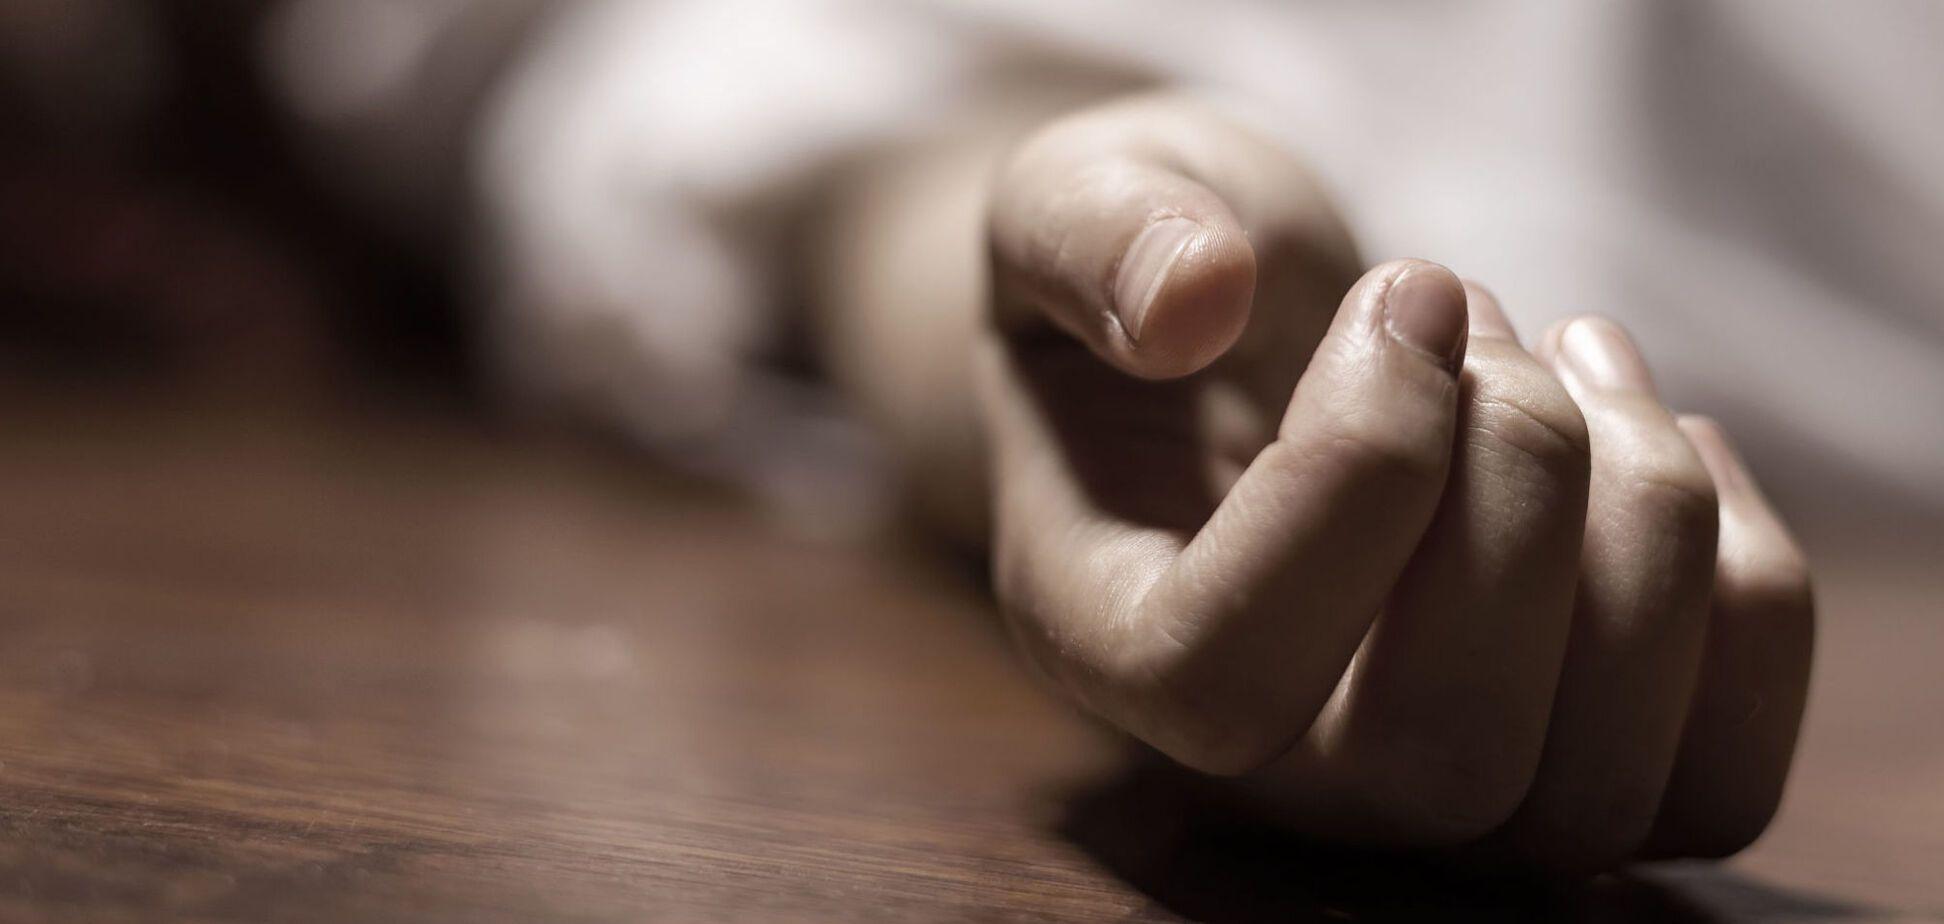 Сидел, опершись на столб: в Днепре обнаружили труп мужчины. Фото 18+